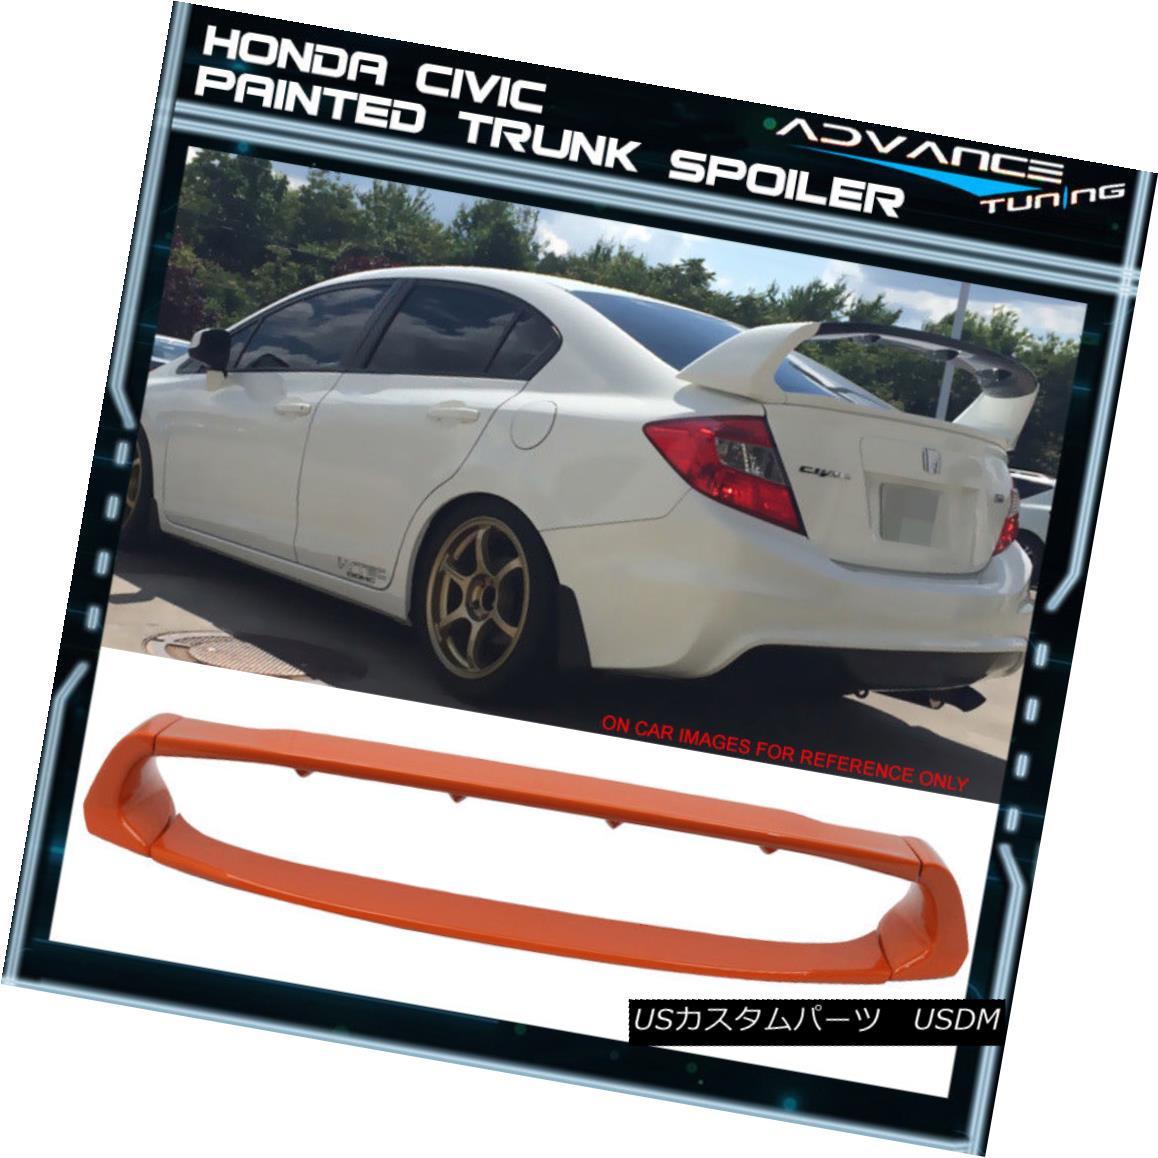 エアロパーツ 12-15 Honda Civic Sedan Mugen Trunk Spoiler OEM Painted YR612P Orange Fire Pearl 12-15ホンダシビックセダン無限貨物スポイラーOEM塗装YR612Pオレンジファイアーパール